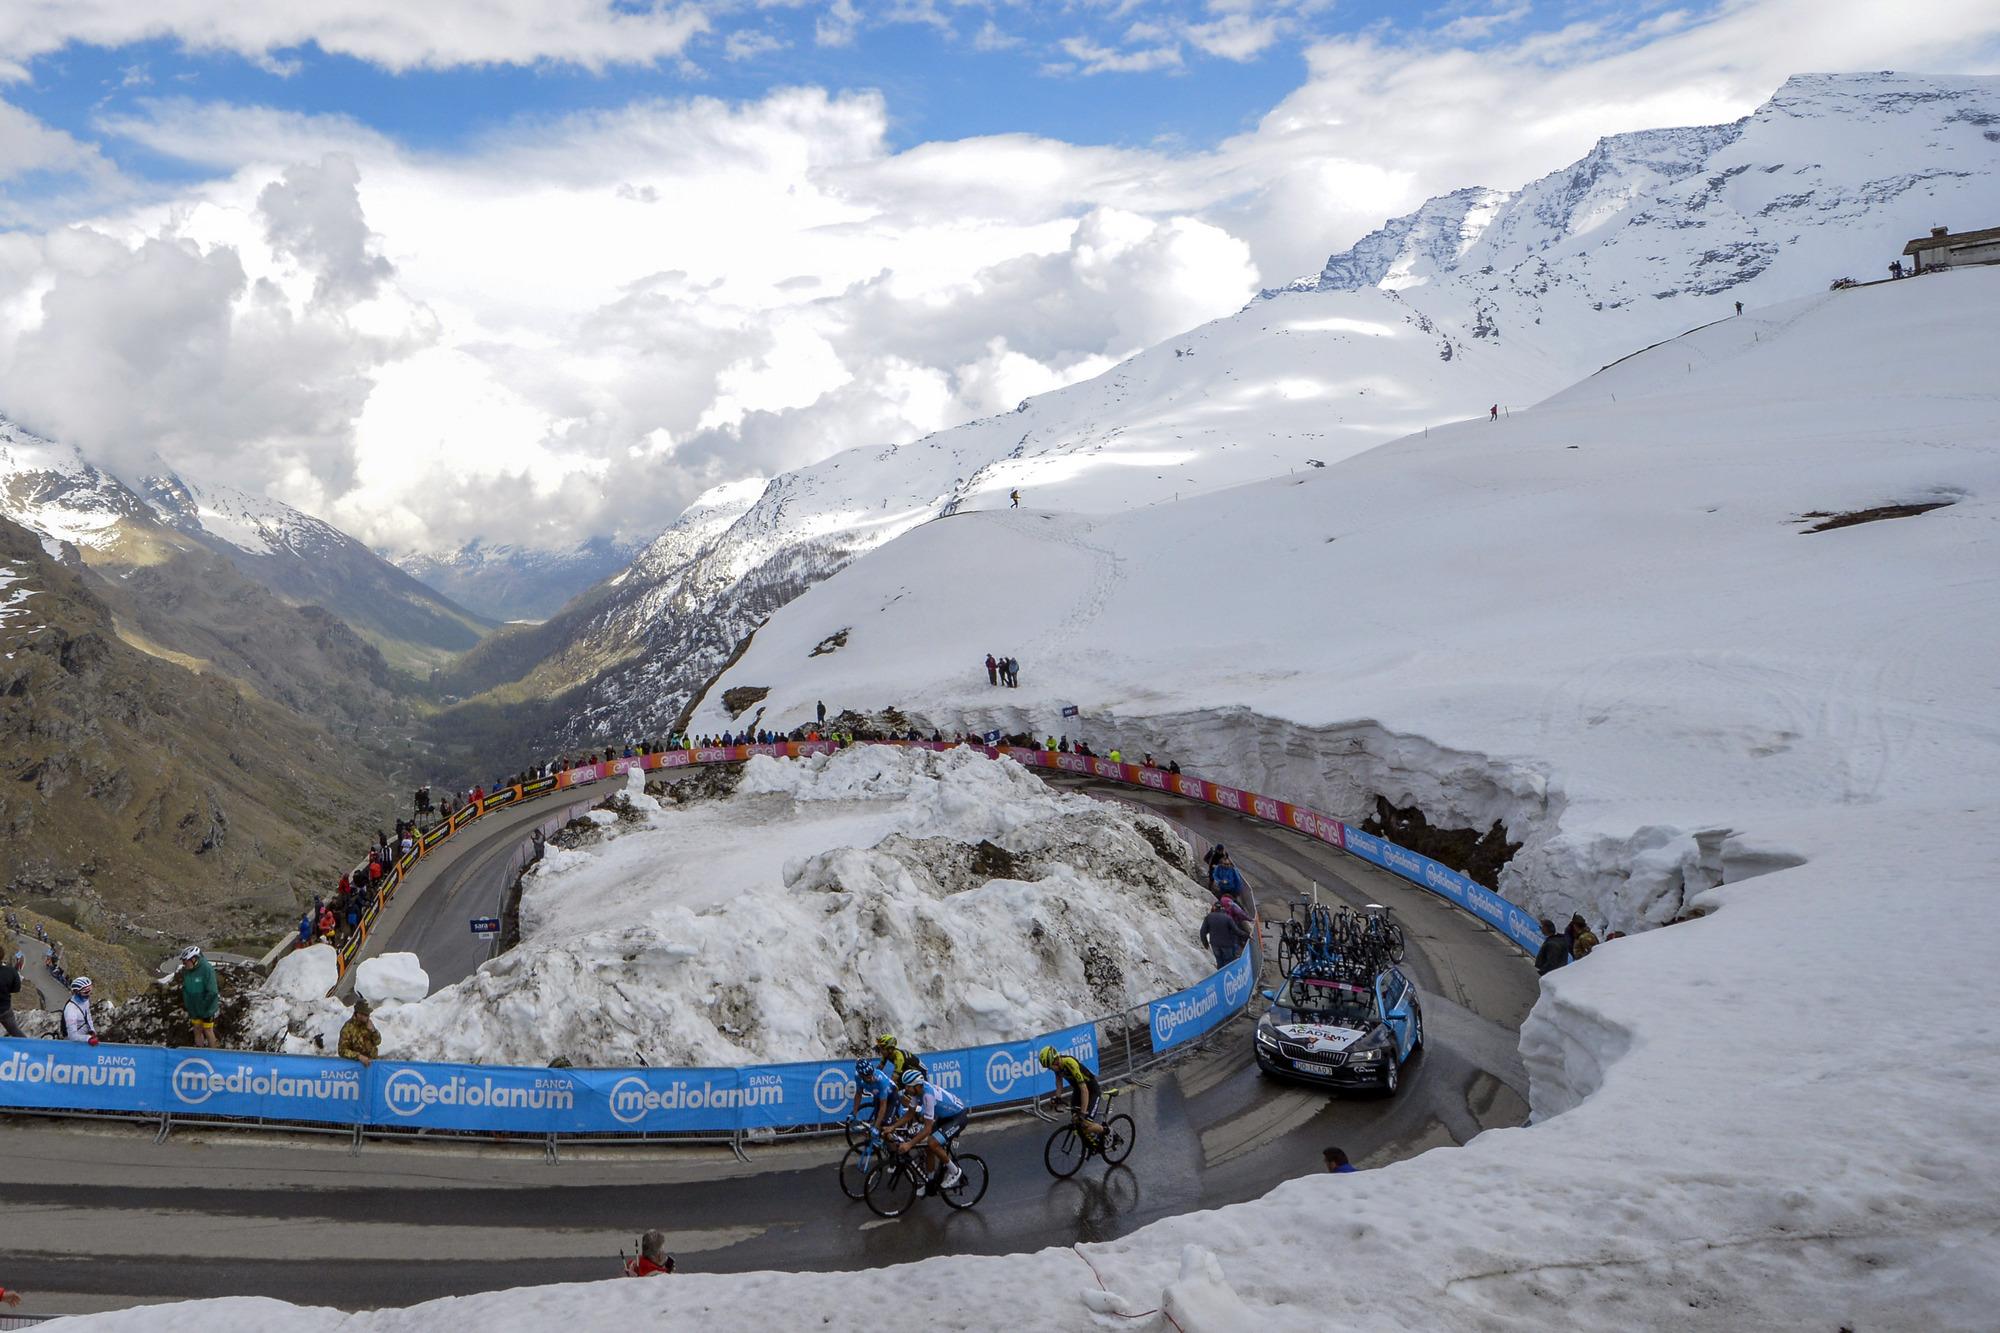 The 2019 Giro d'Italia climbs above the snow line